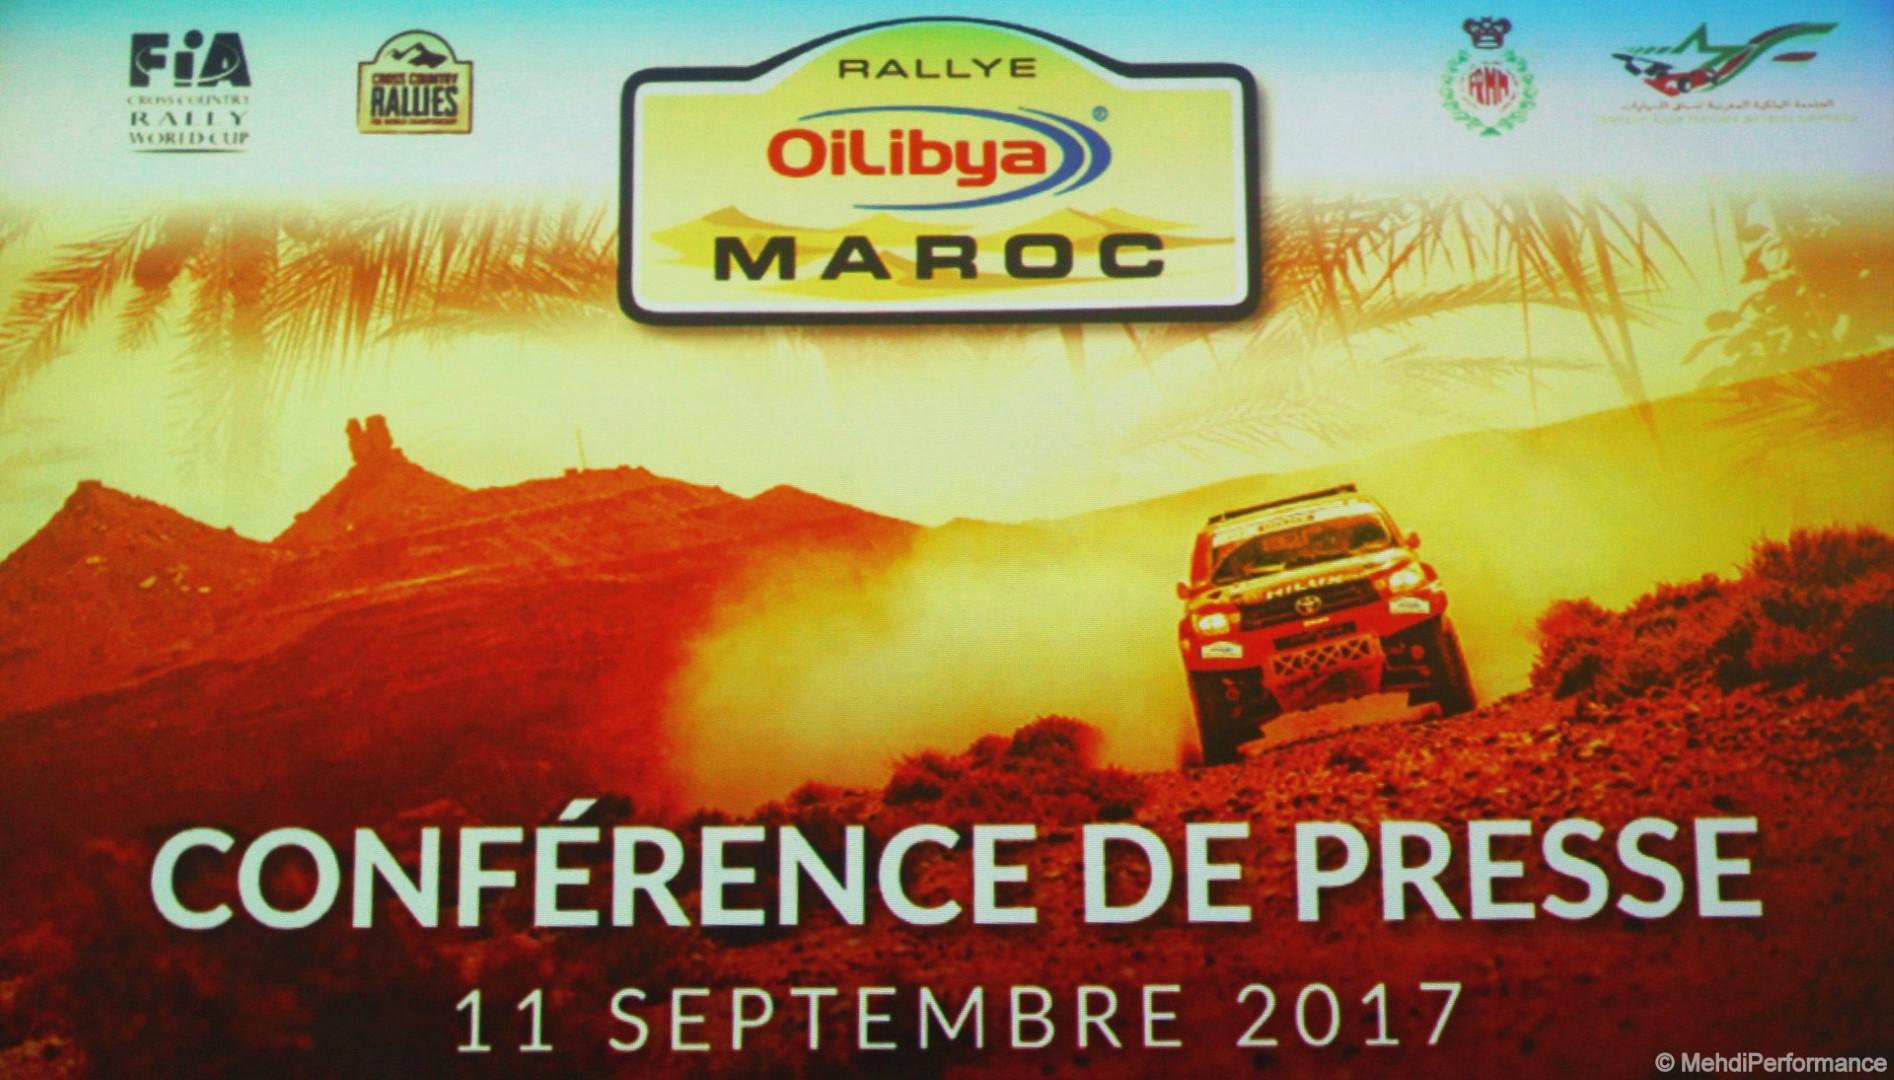 Rallye Oilibya Maroc 2017 conférence de presse à Casablanca